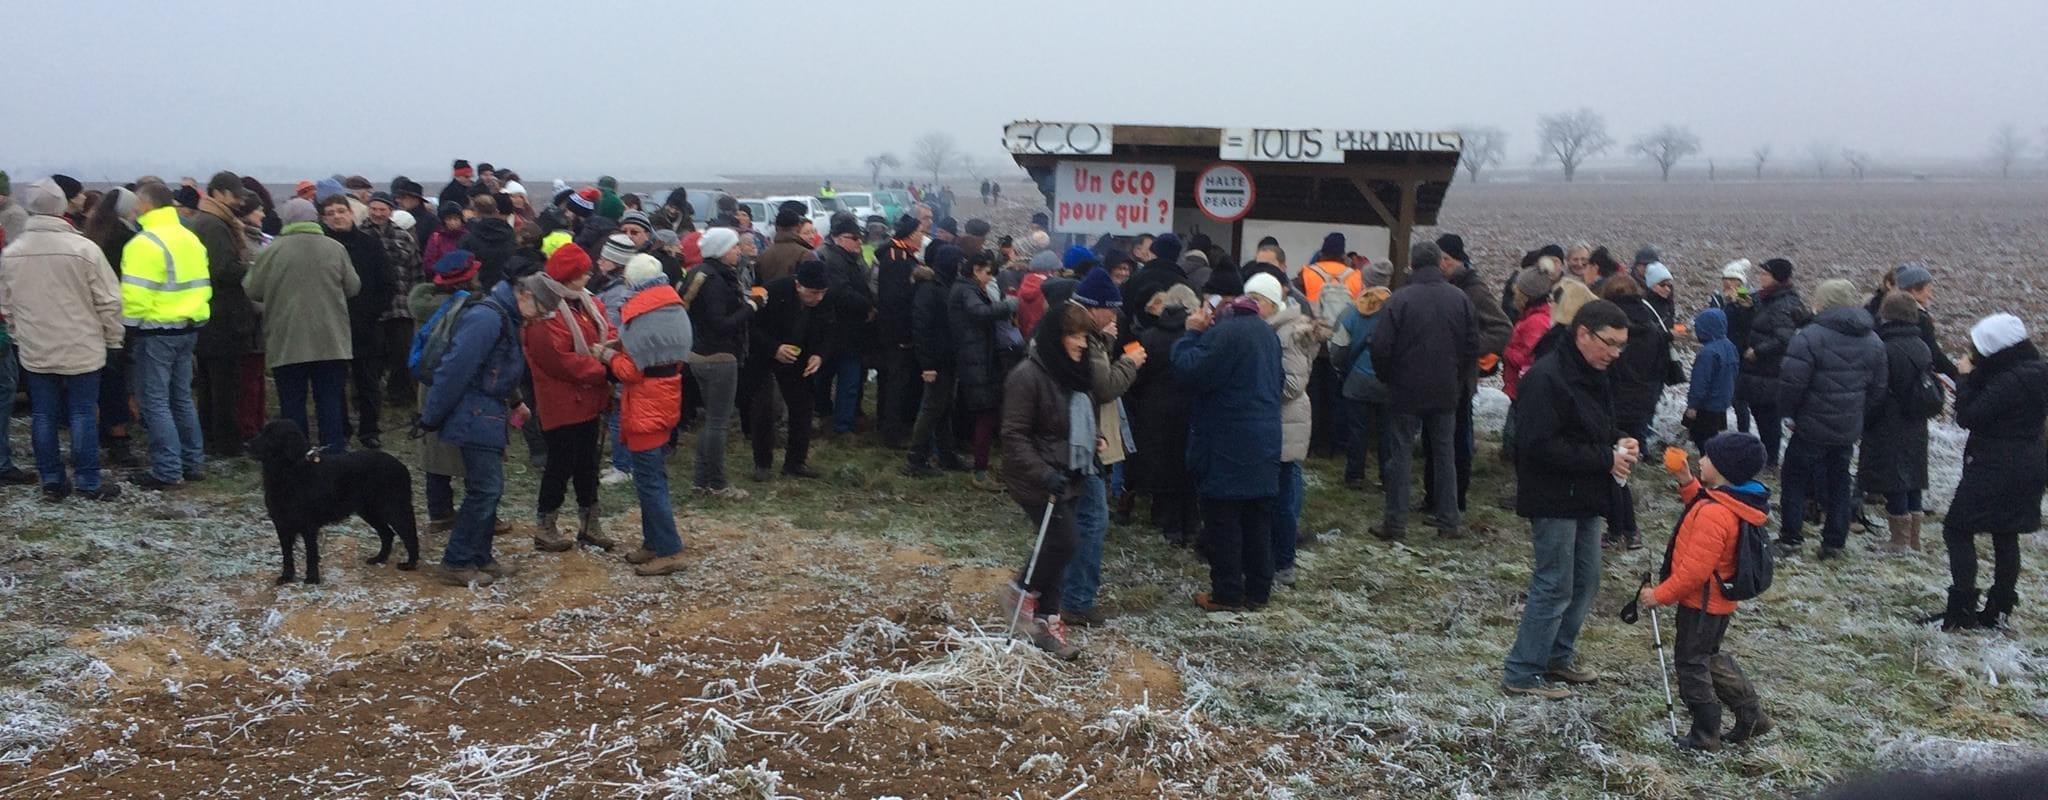 Inauguration de la huitième cabane anti-GCO samedi matin à Eckwersheim